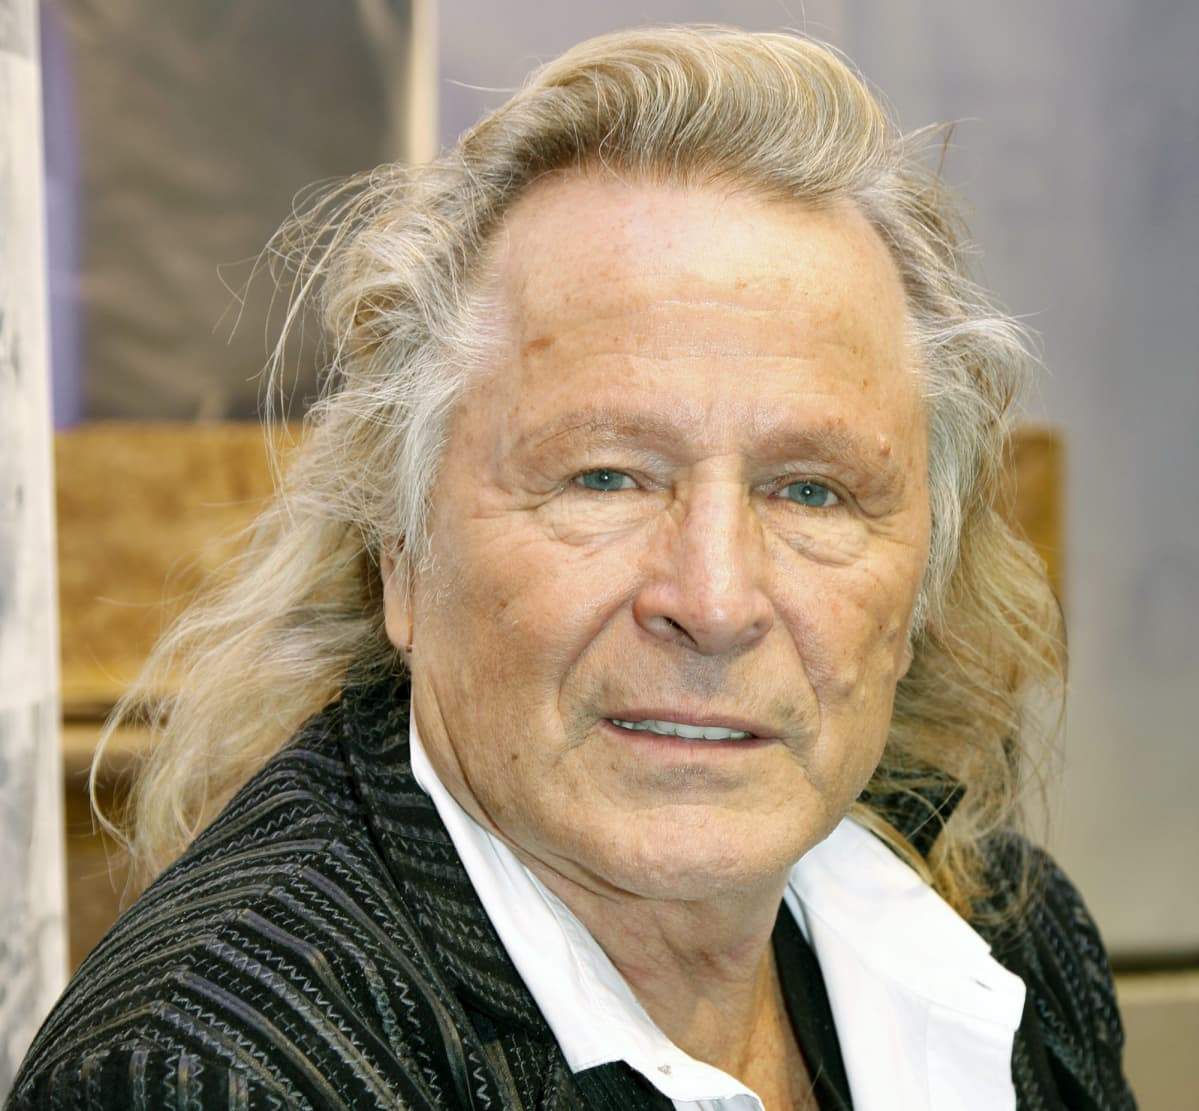 Peter Nygård